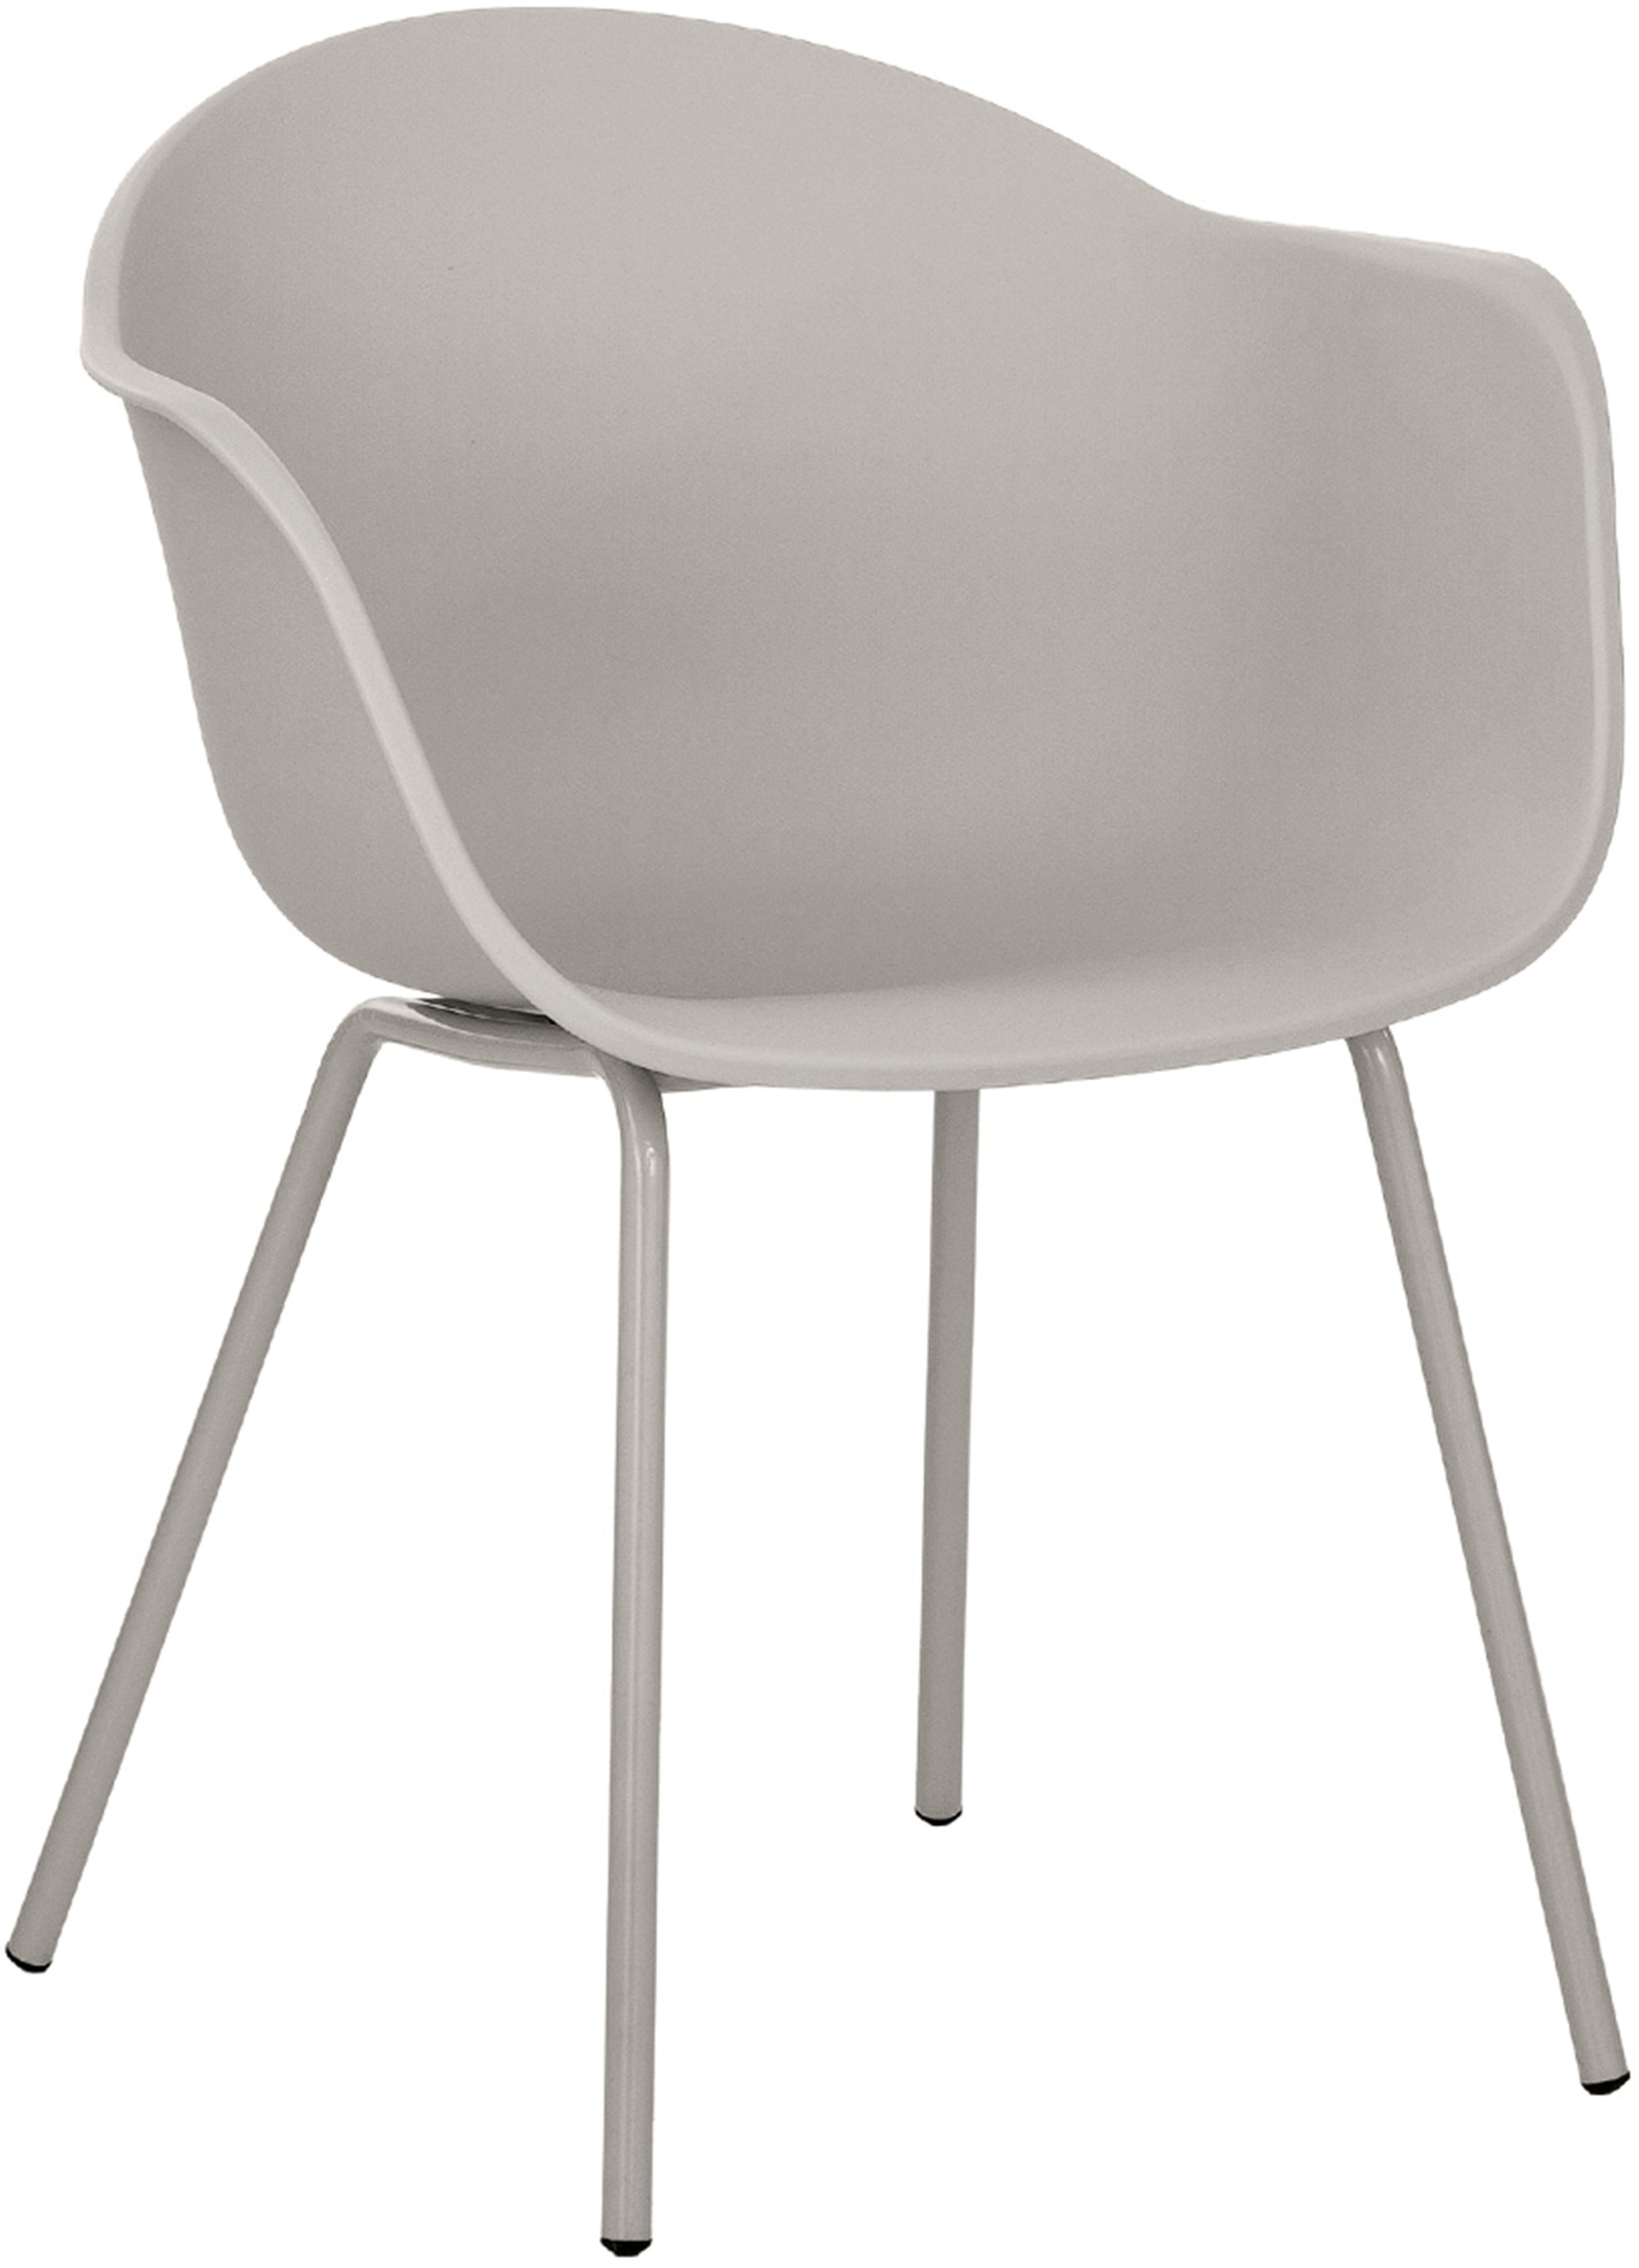 Silla con reposabrazos de plástico Claire, Asiento: plástico, Patas: metal con pintura en polv, Gris beige, An 54 x F 60 cm